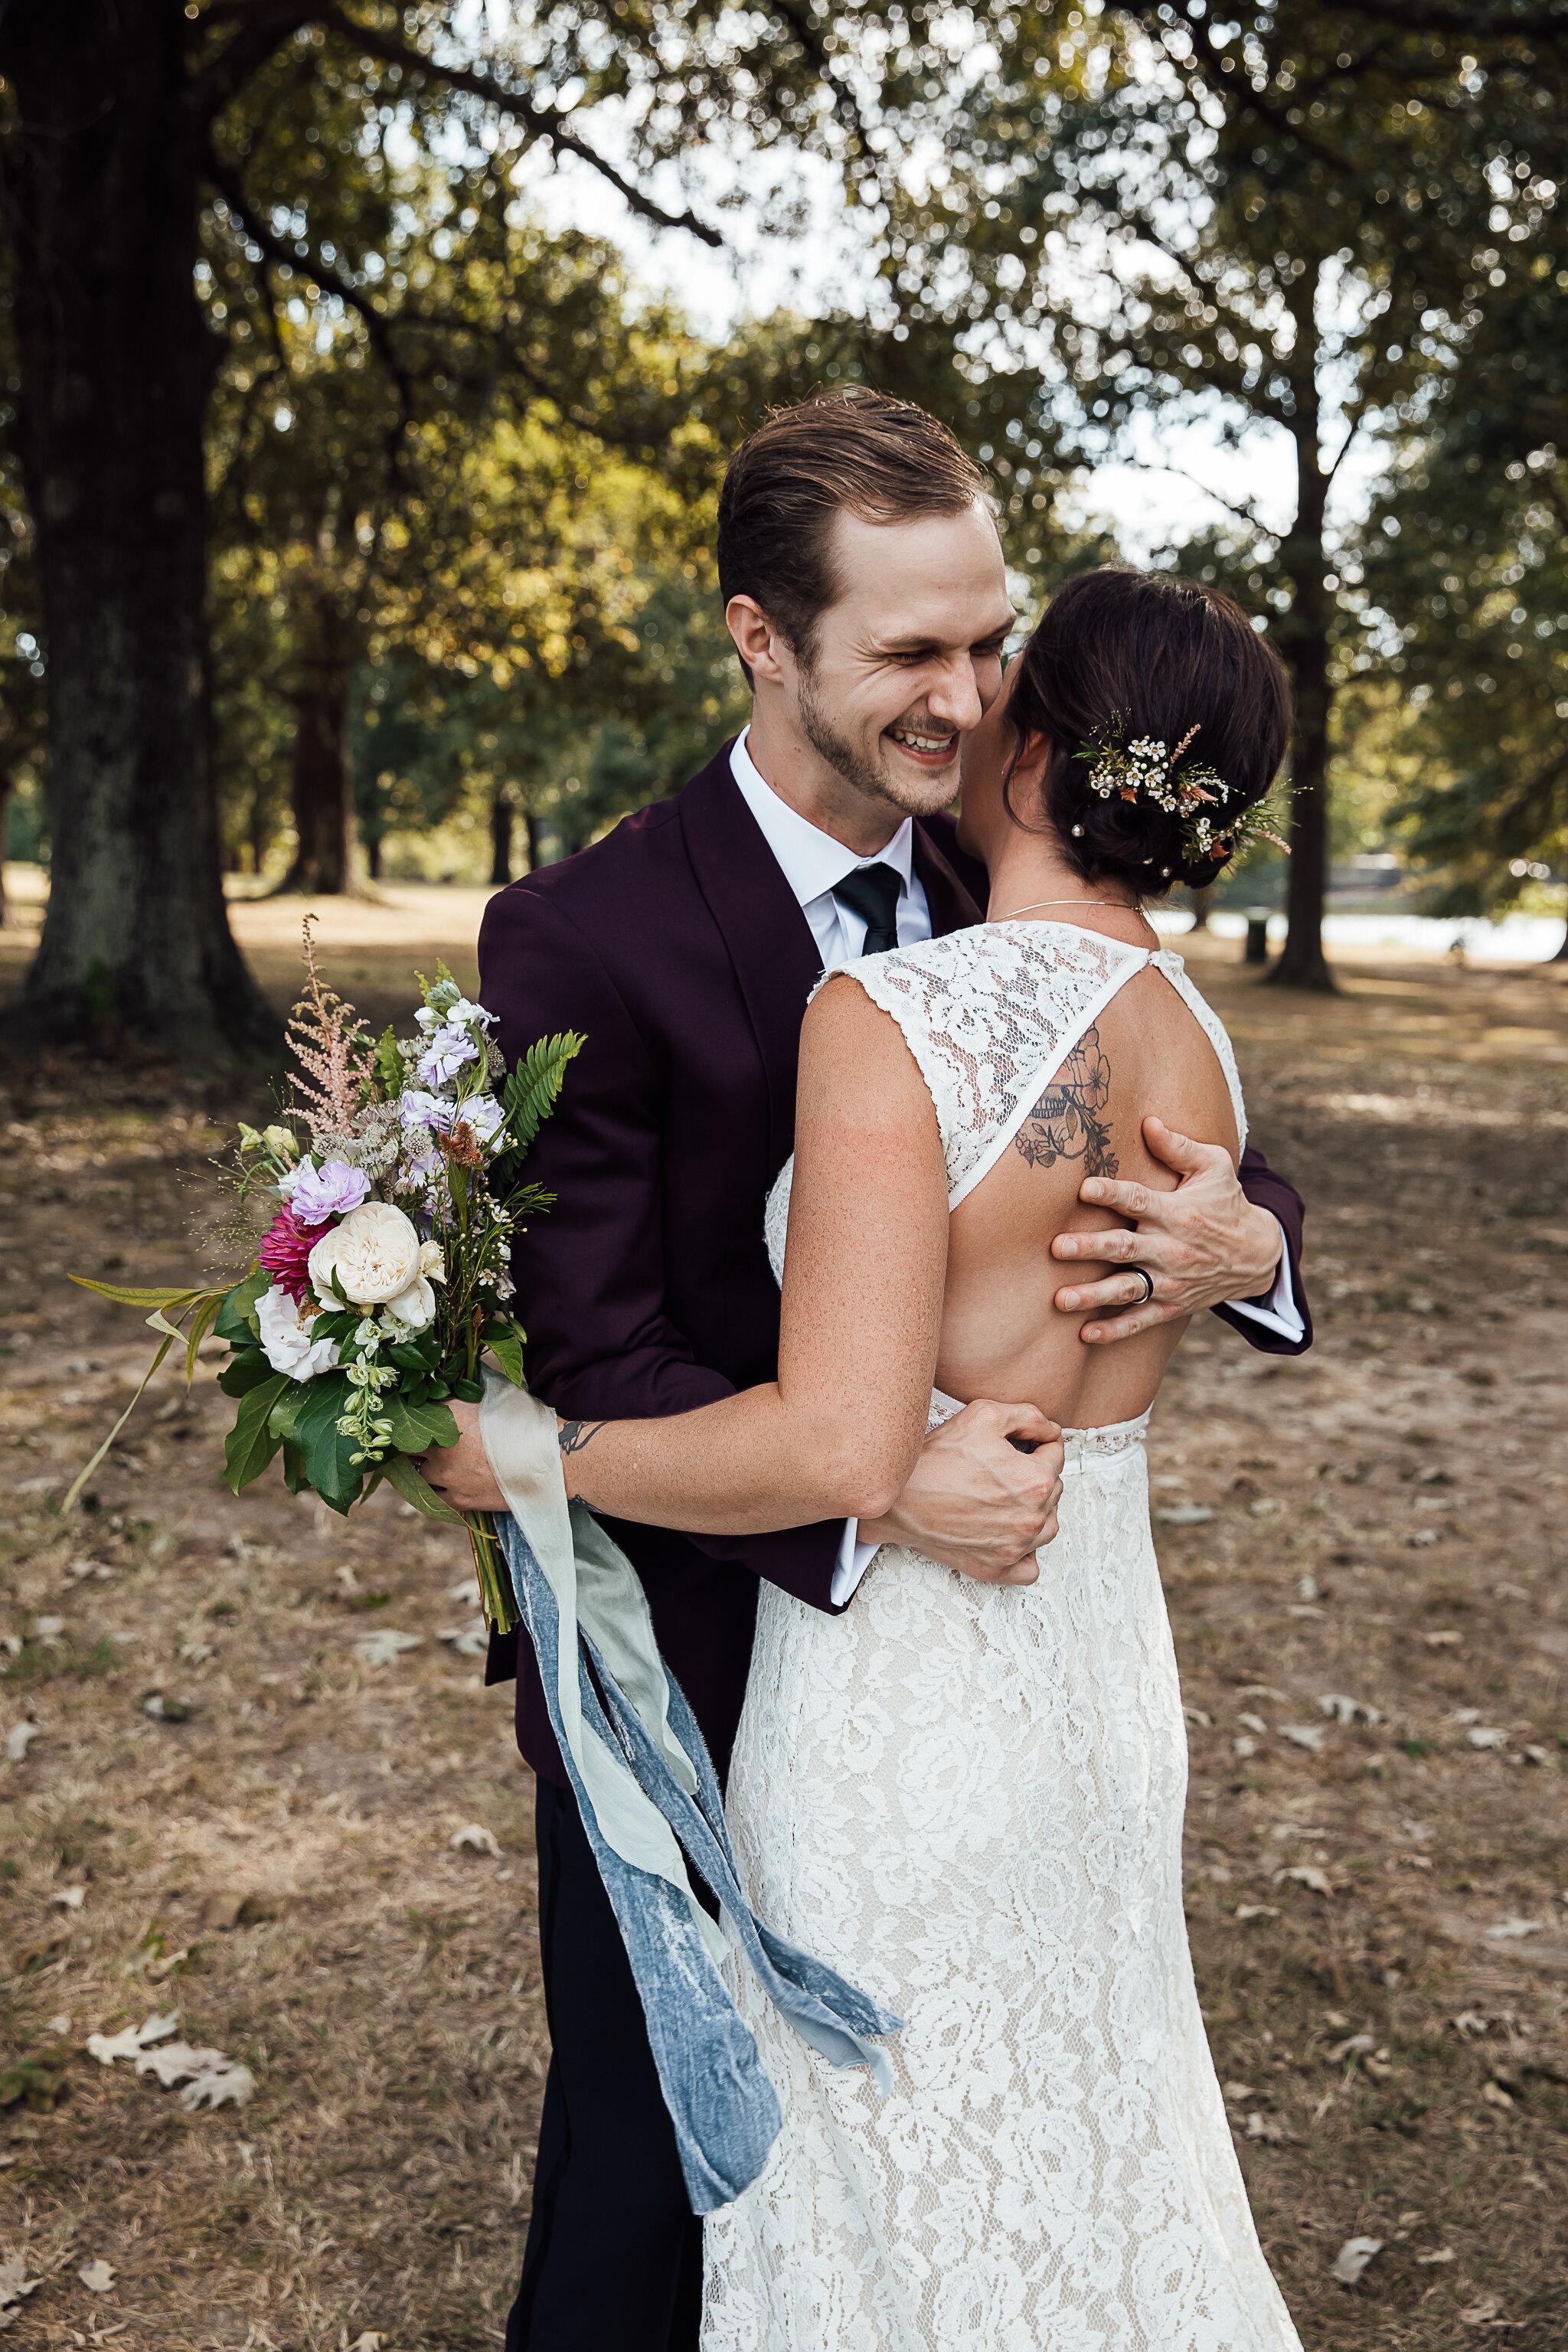 Allison-and-Wesley-Memphis-Backyard-Wedding-TheWarmthAroundYou-16.jpg